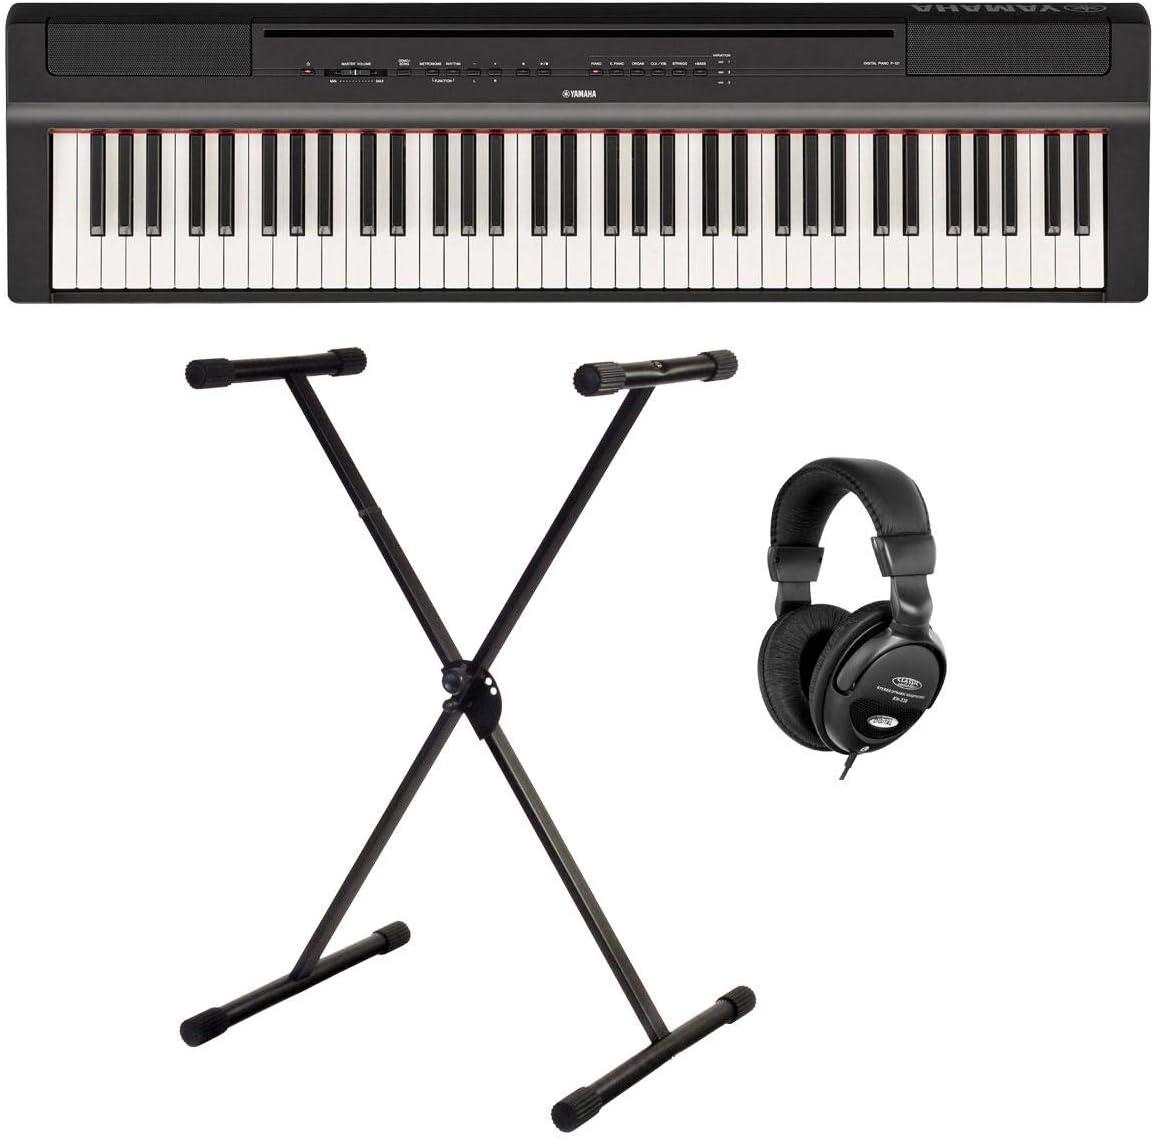 Yamaha P-121B Stage Piano Set (73 teclas dinámicas de pulsación sobre teclado (GHS), bajos internos y función de mesa EQ, incluye soporte para teclado ...